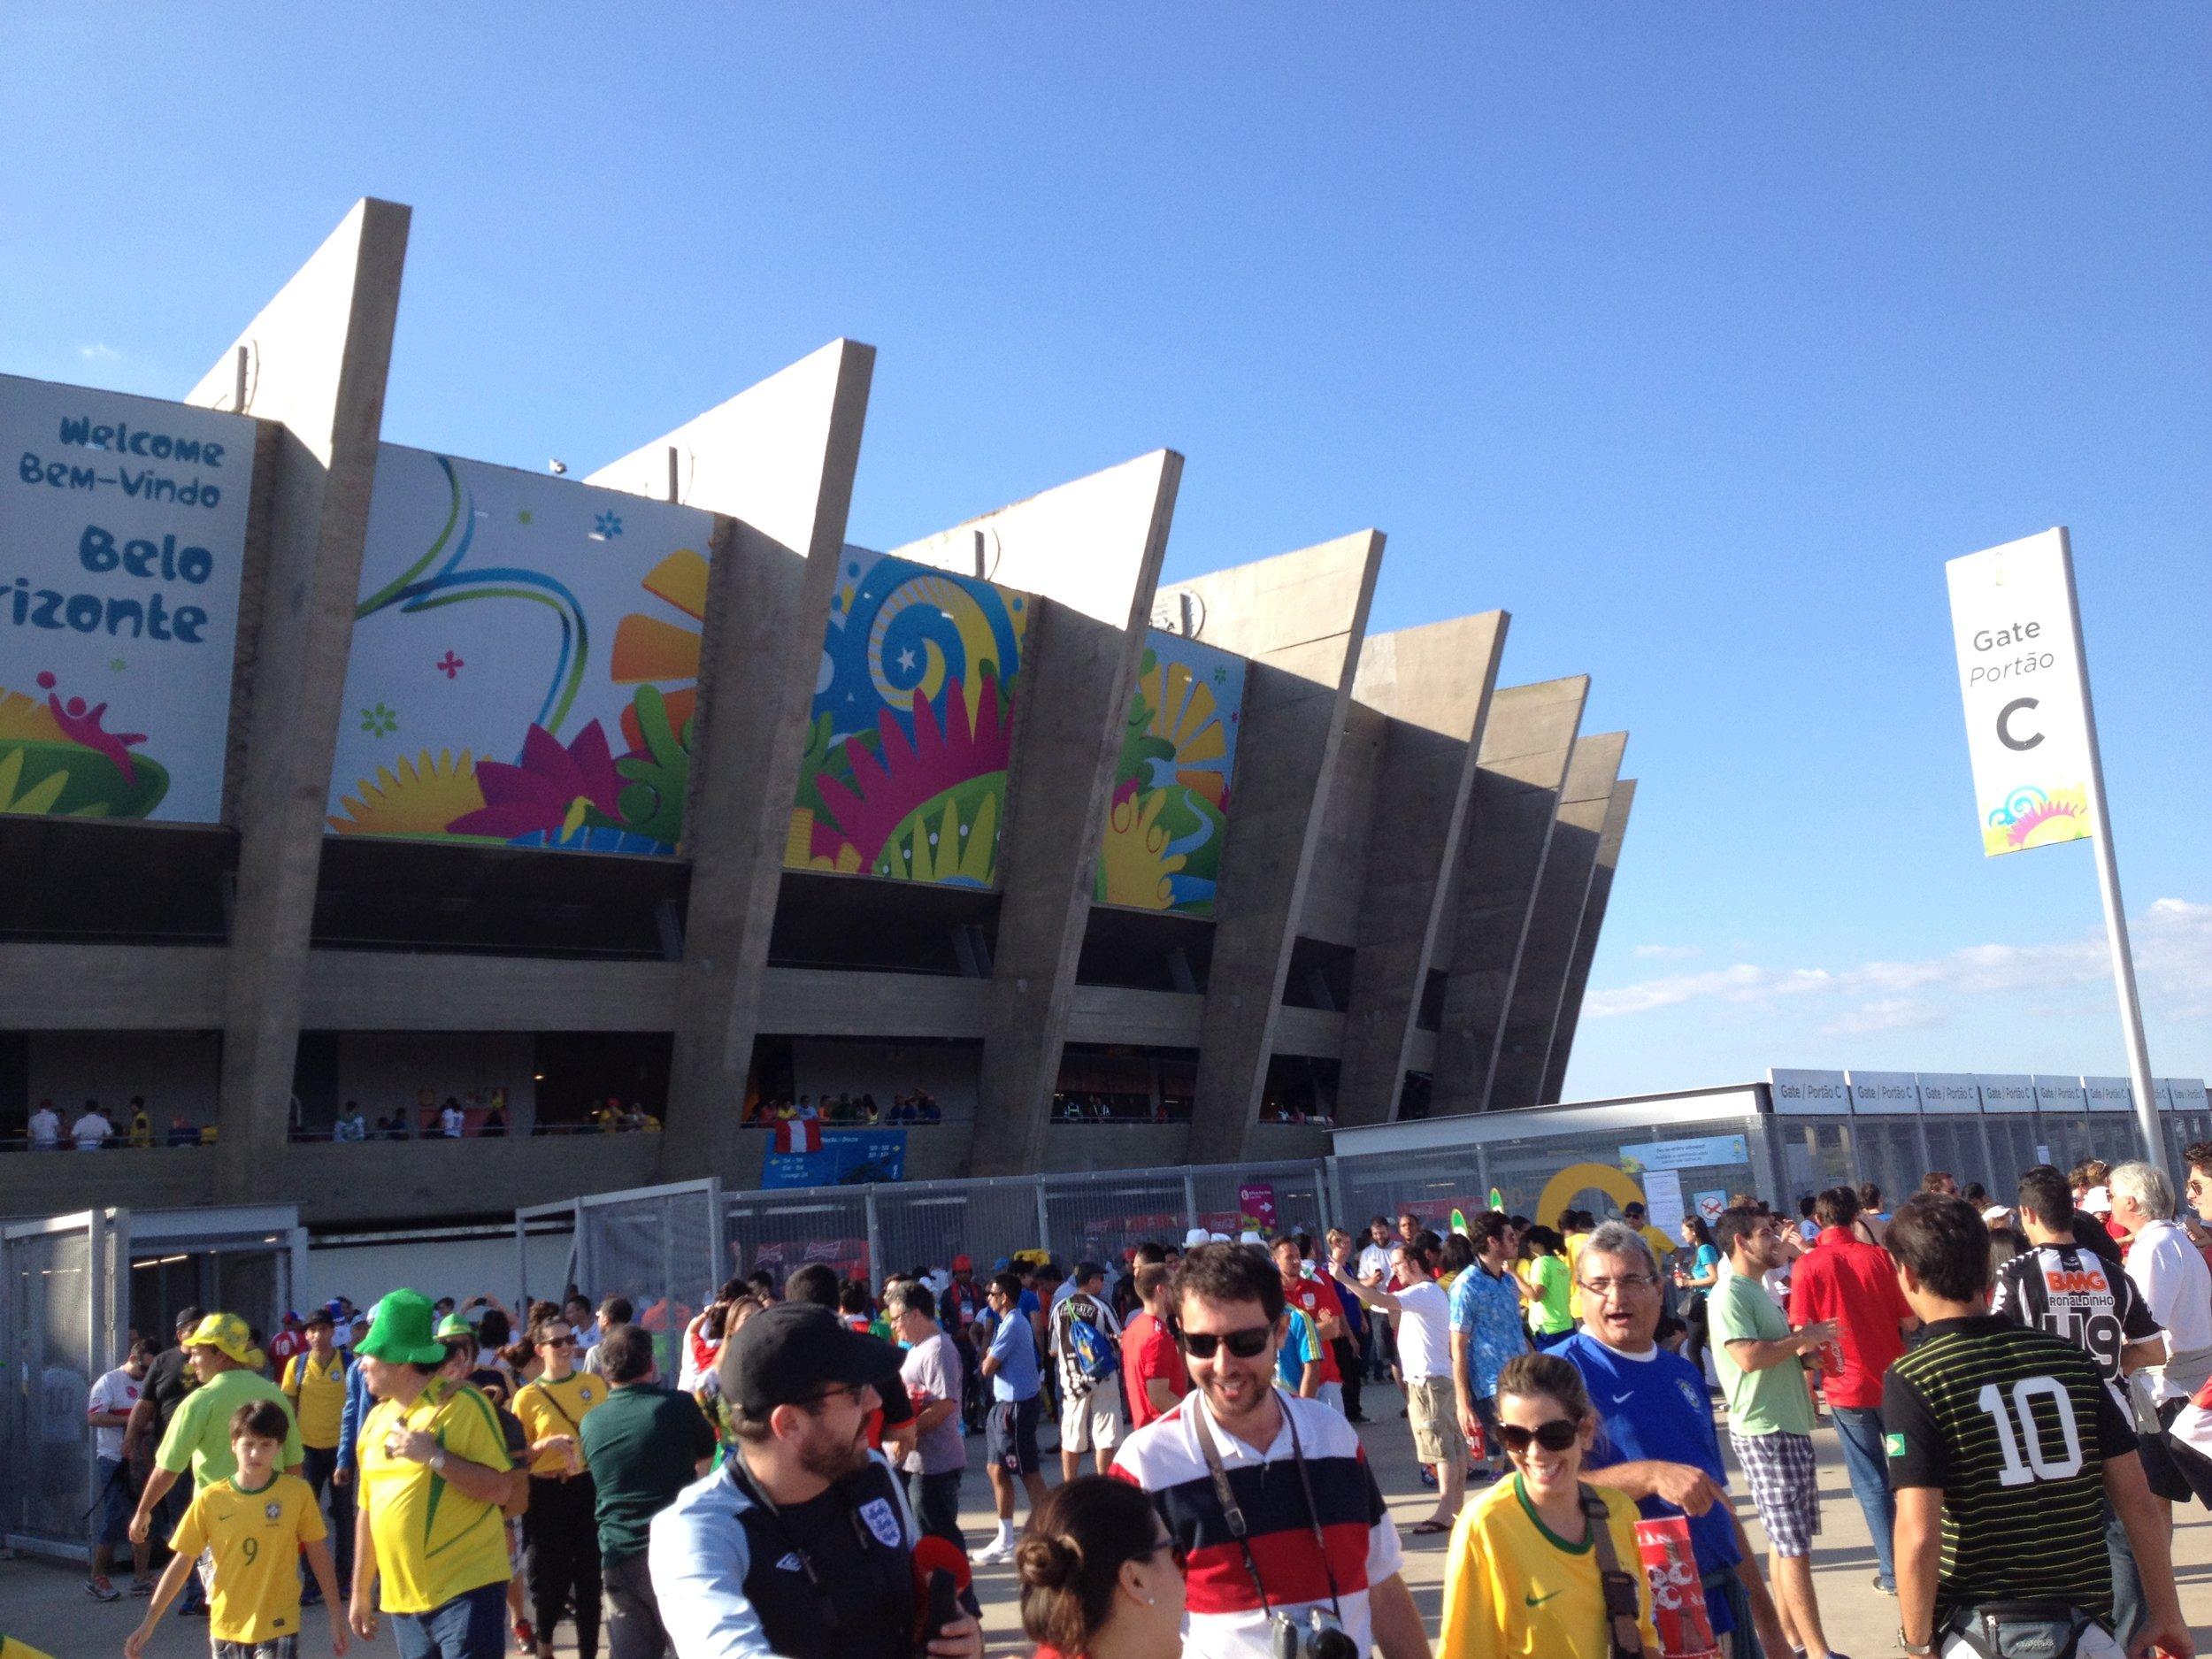 heading into the stadium..